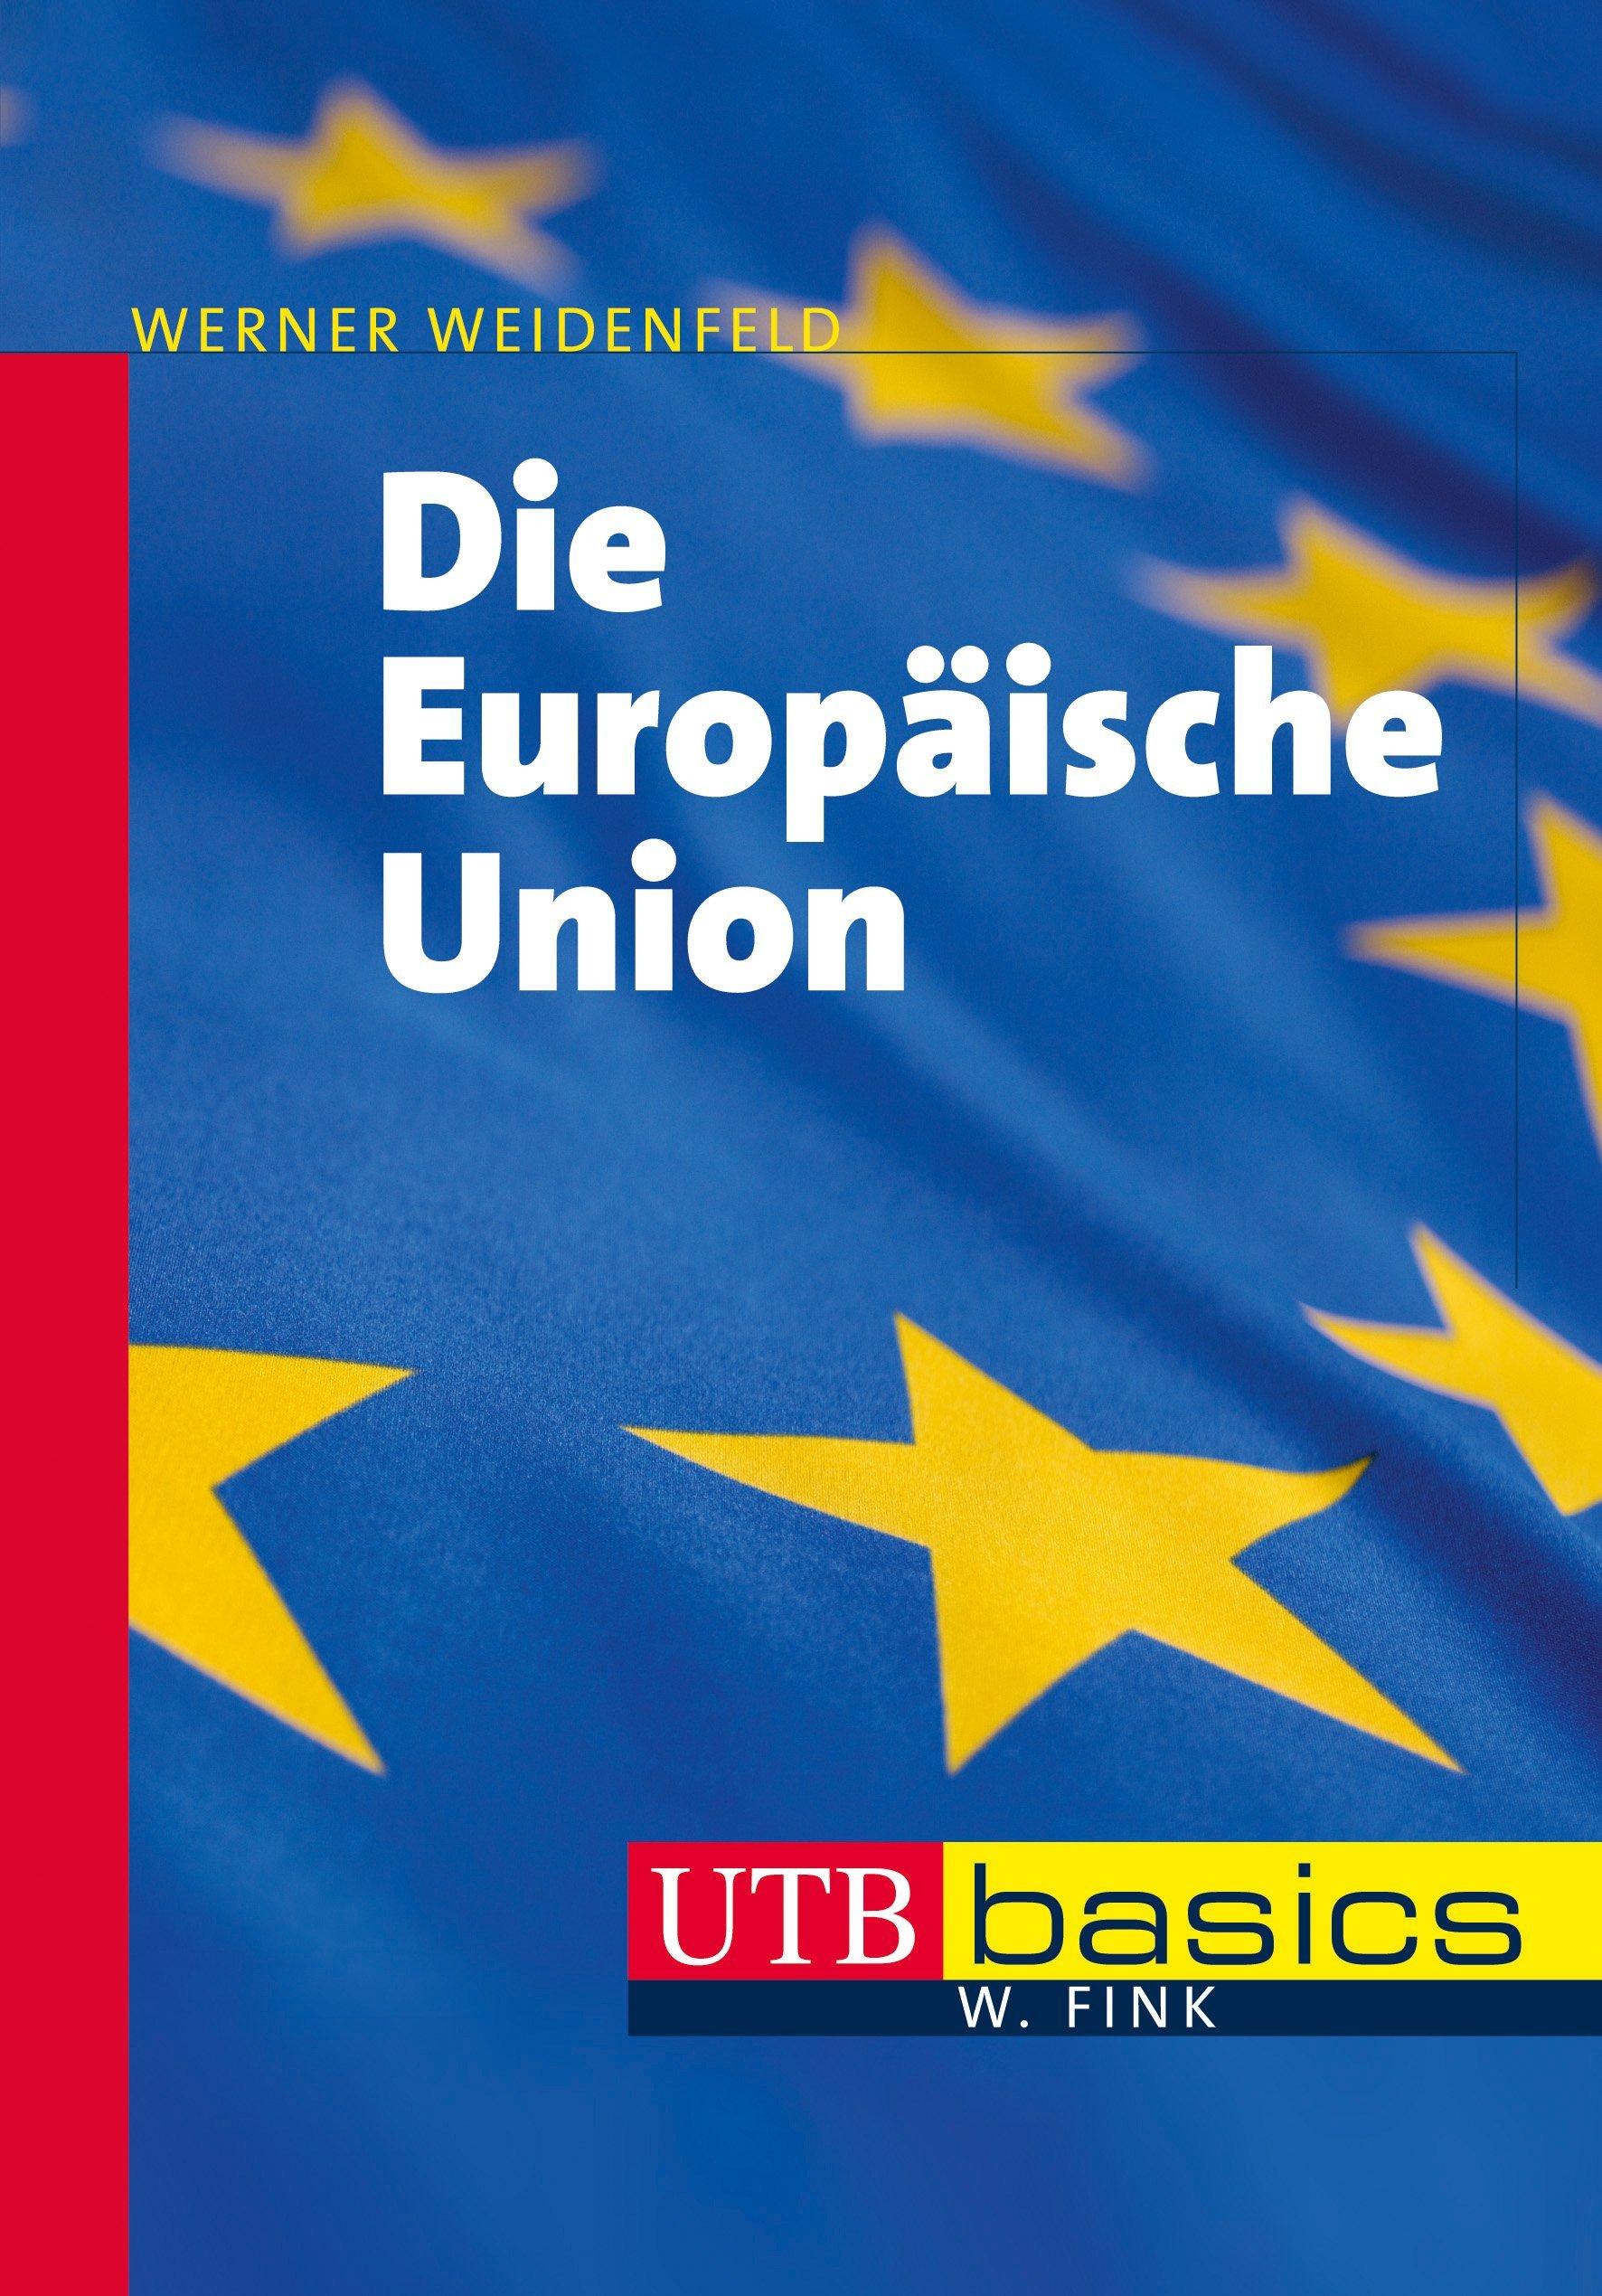 Die Europäische Union: Akteure – Prozesse – Herausforderungen (utb basics, Band 3998) Taschenbuch – 2. Oktober 2013 Werner Weidenfeld UTB GmbH 3825239985 Internationale Beziehungen